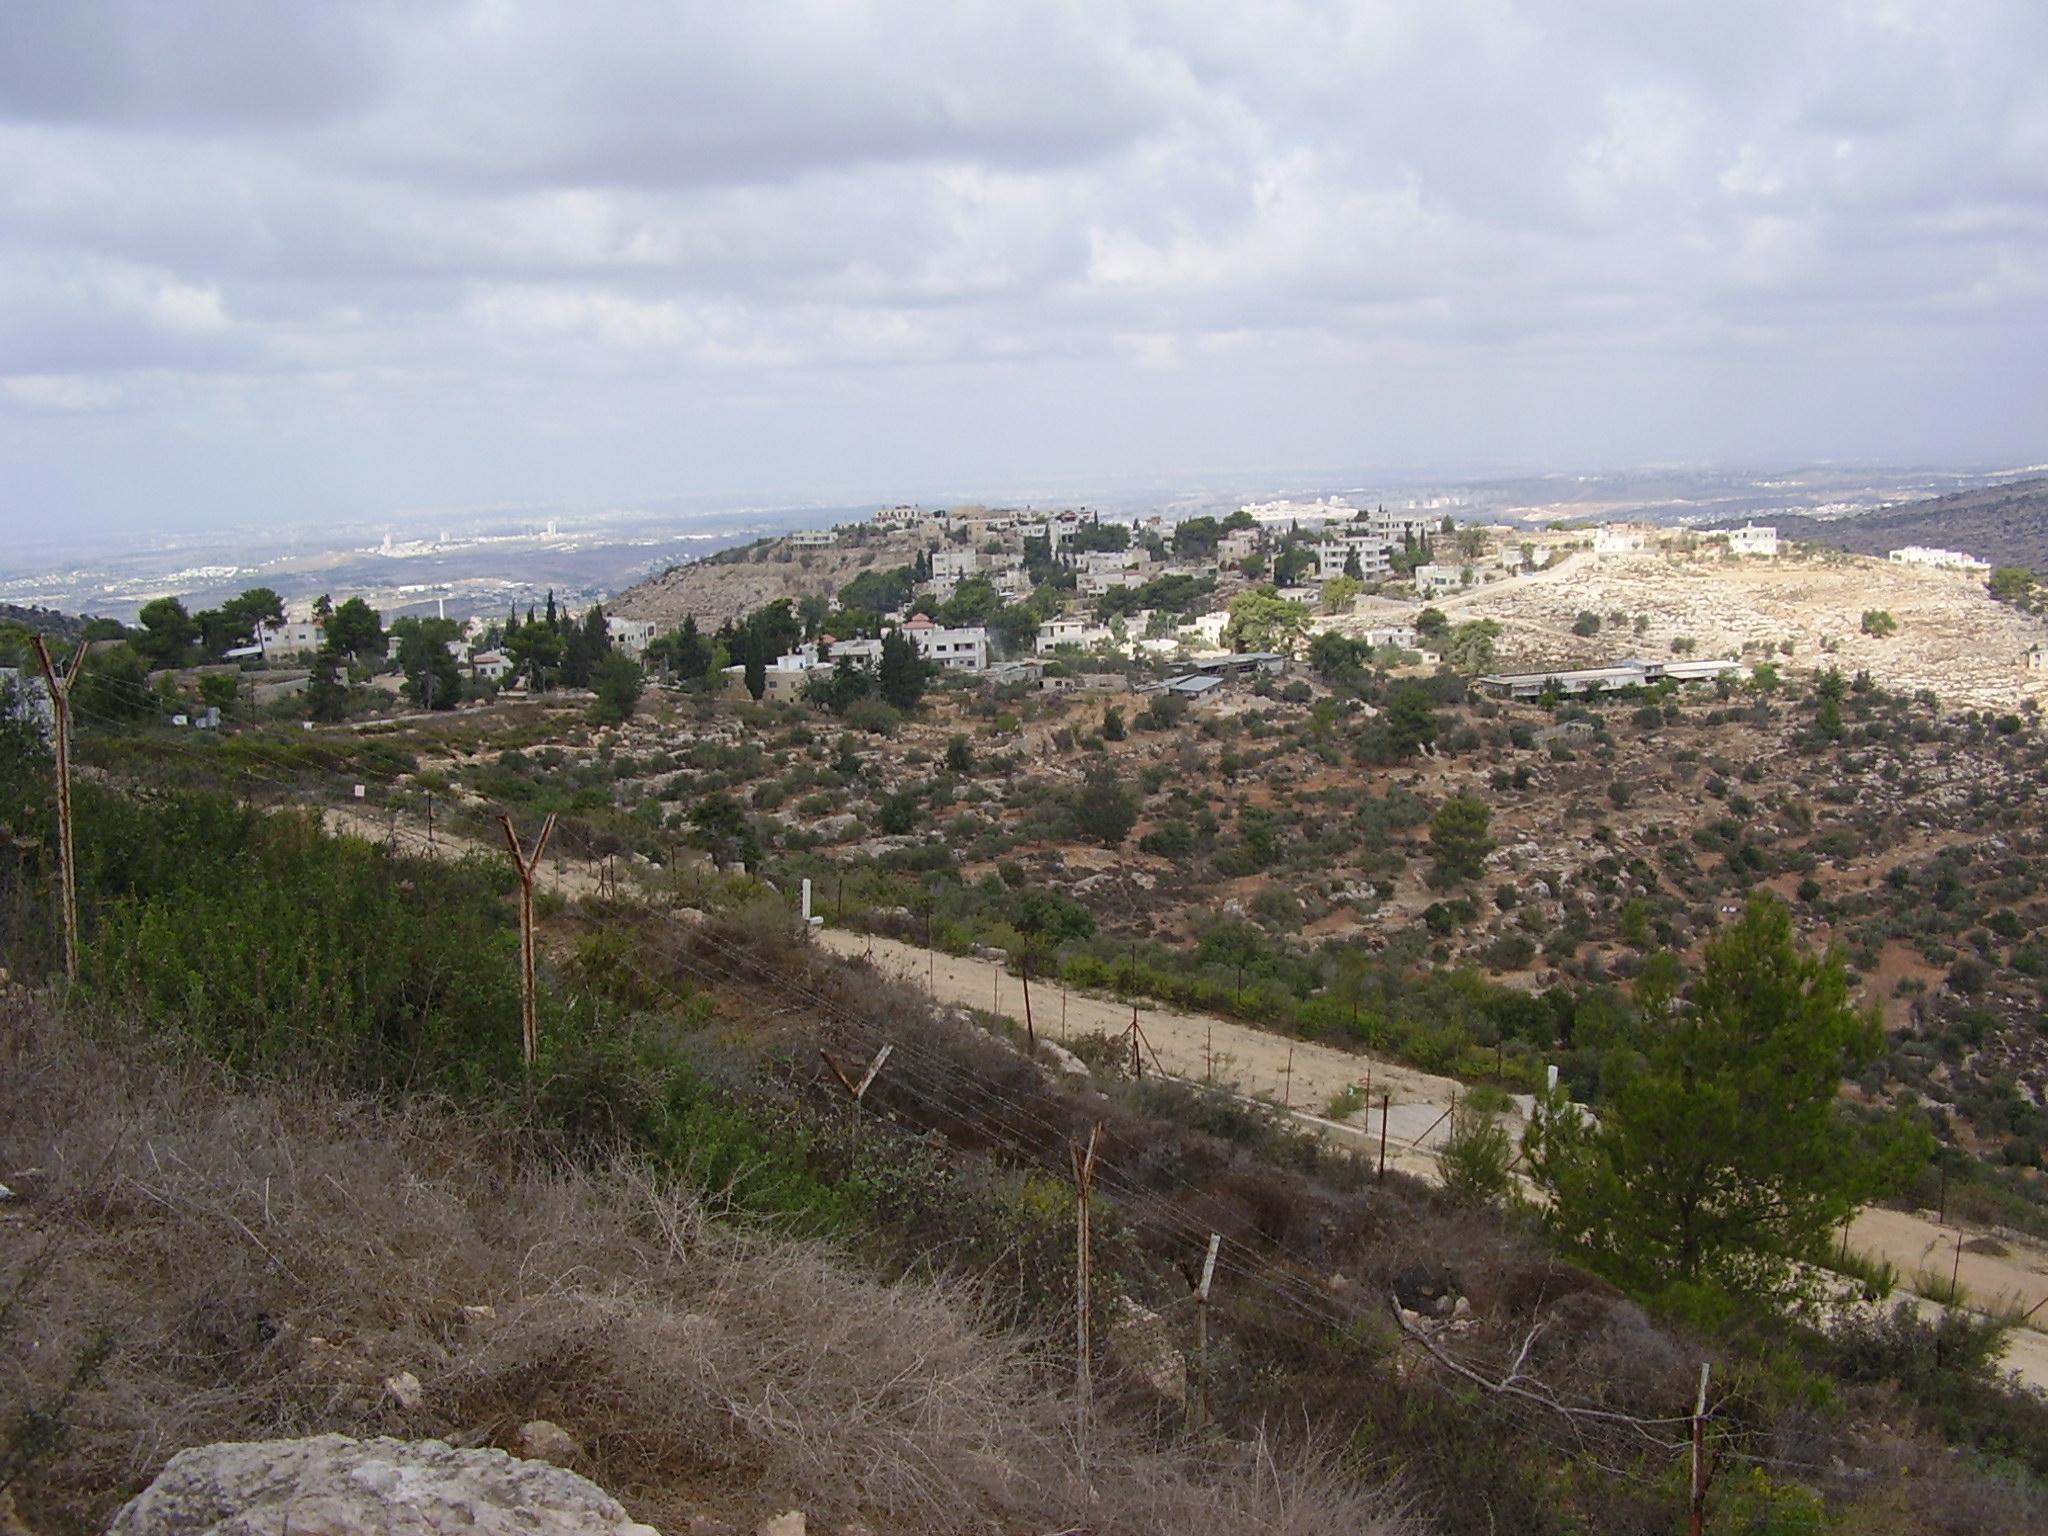 בית חורון: File:PikiWiki Israel 9676 Matat Look-out In Bet-horon.jpg